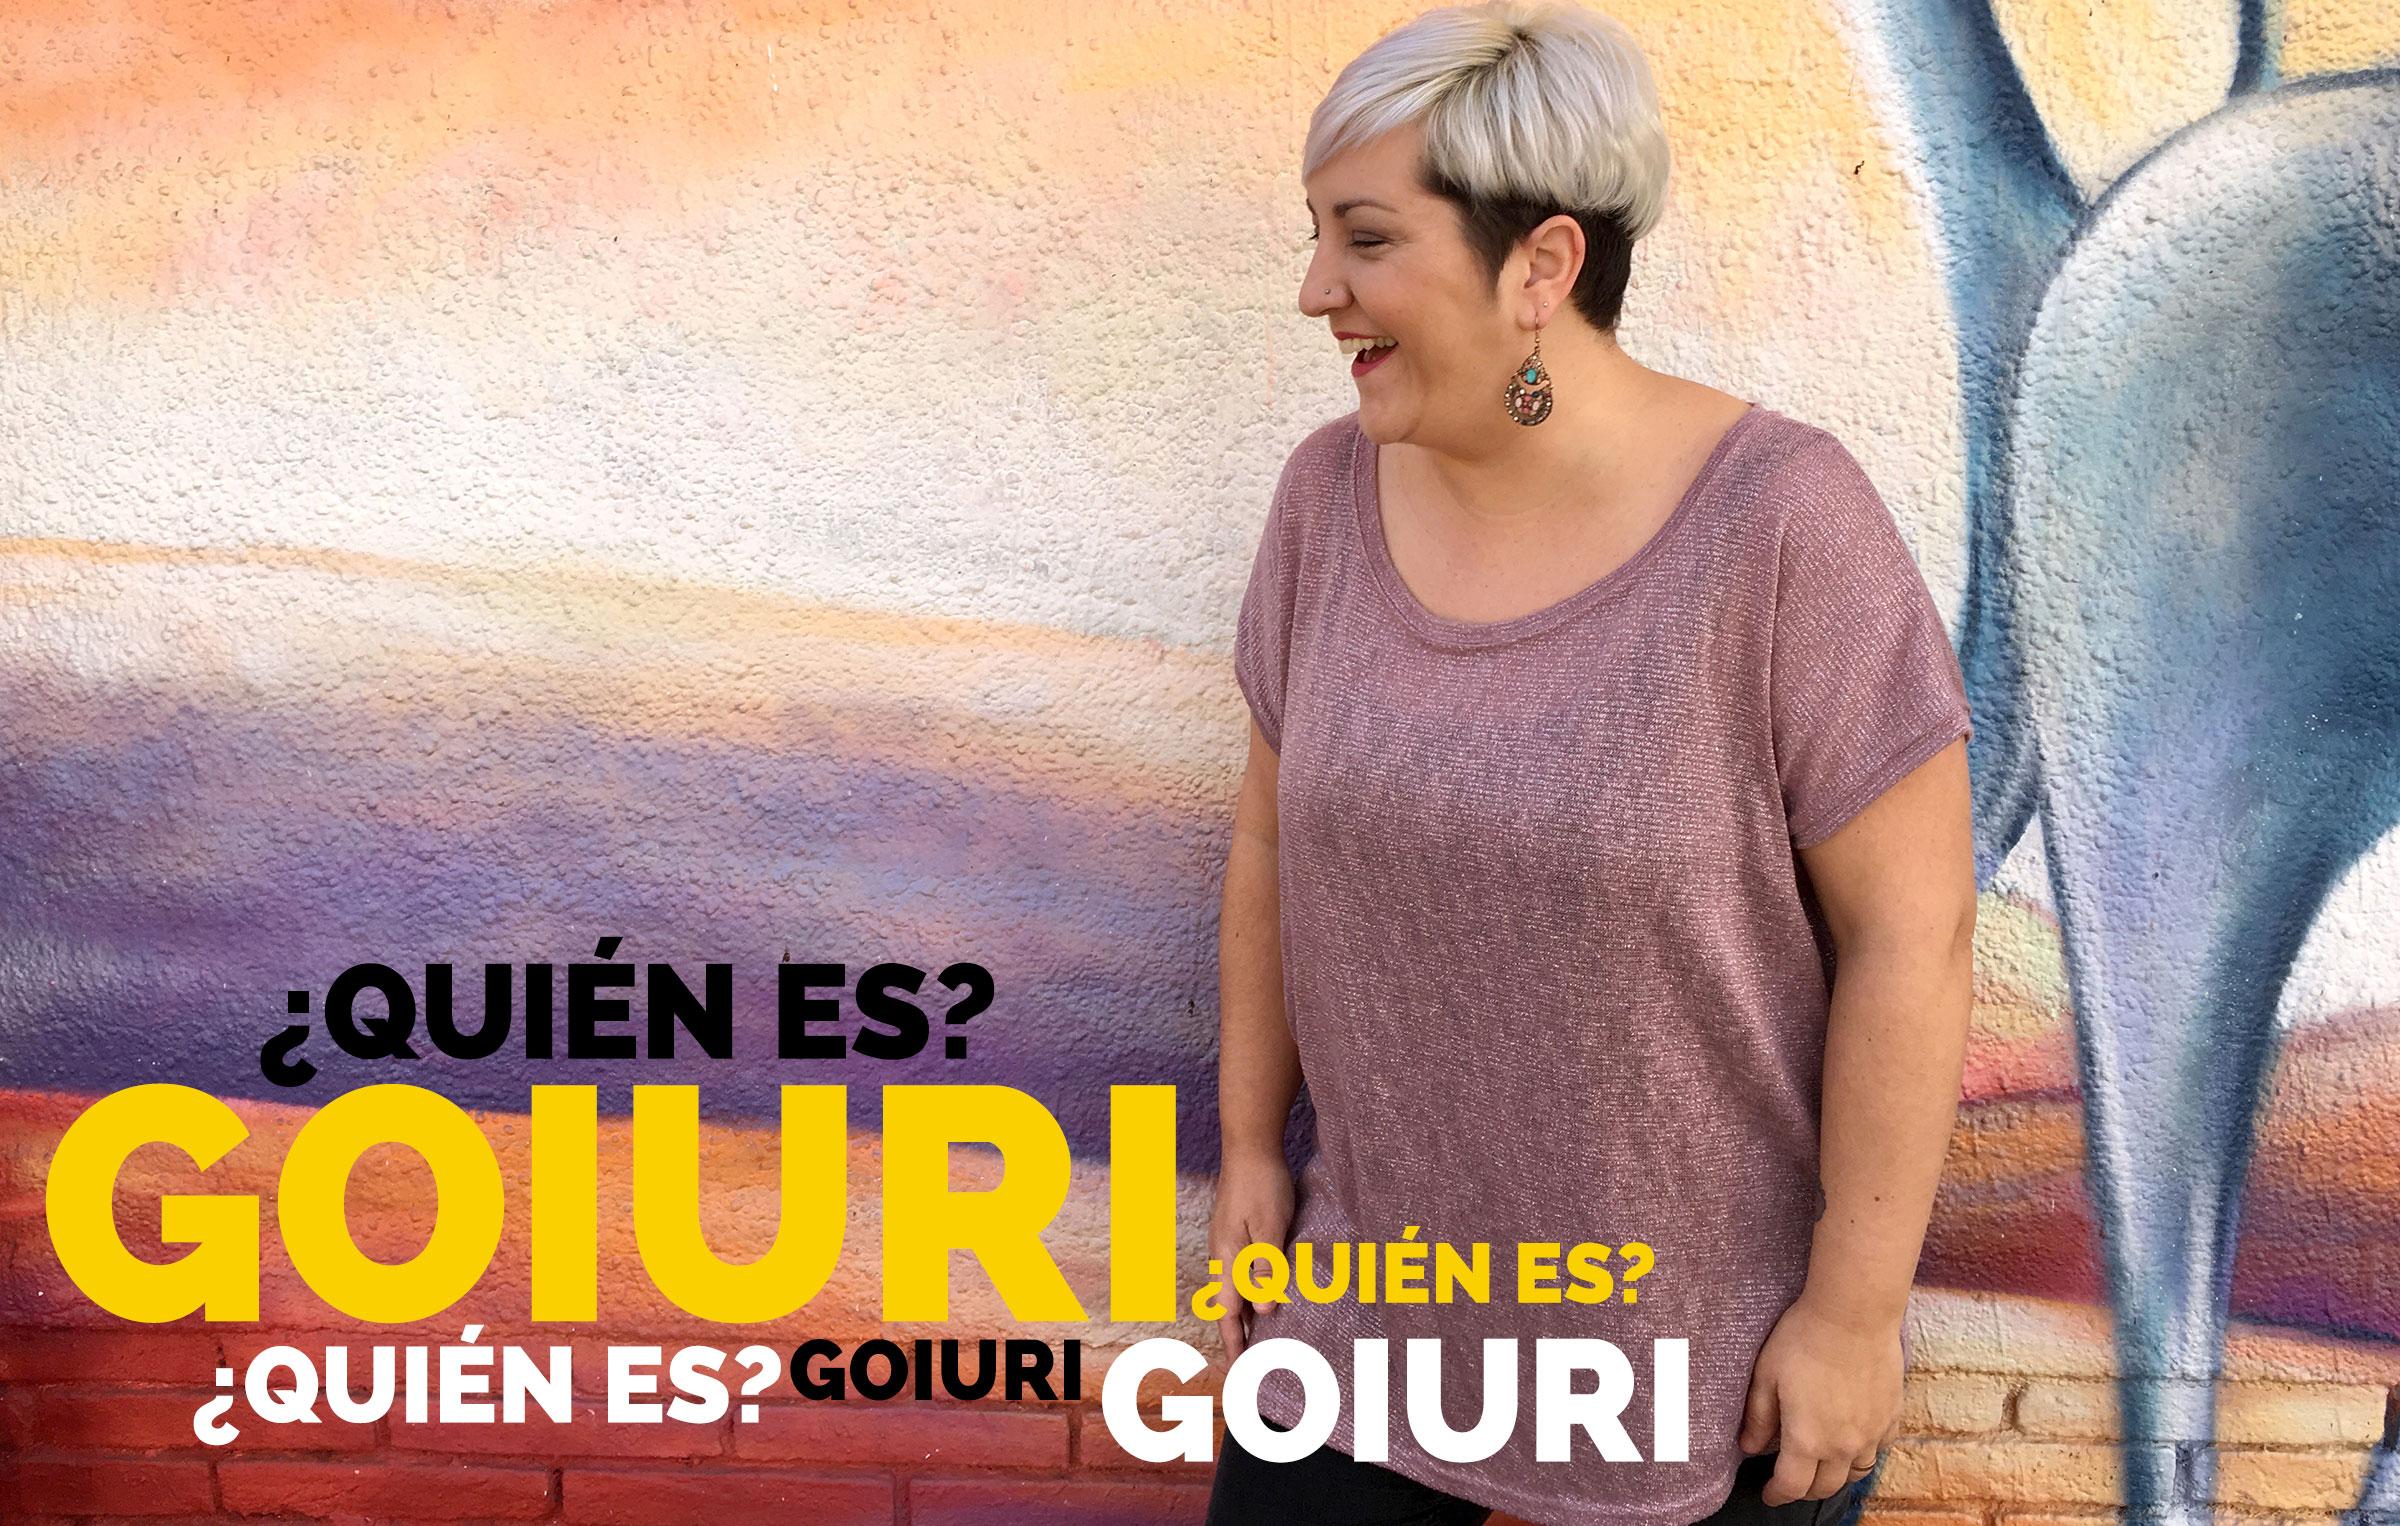 Quién es Goiuri?